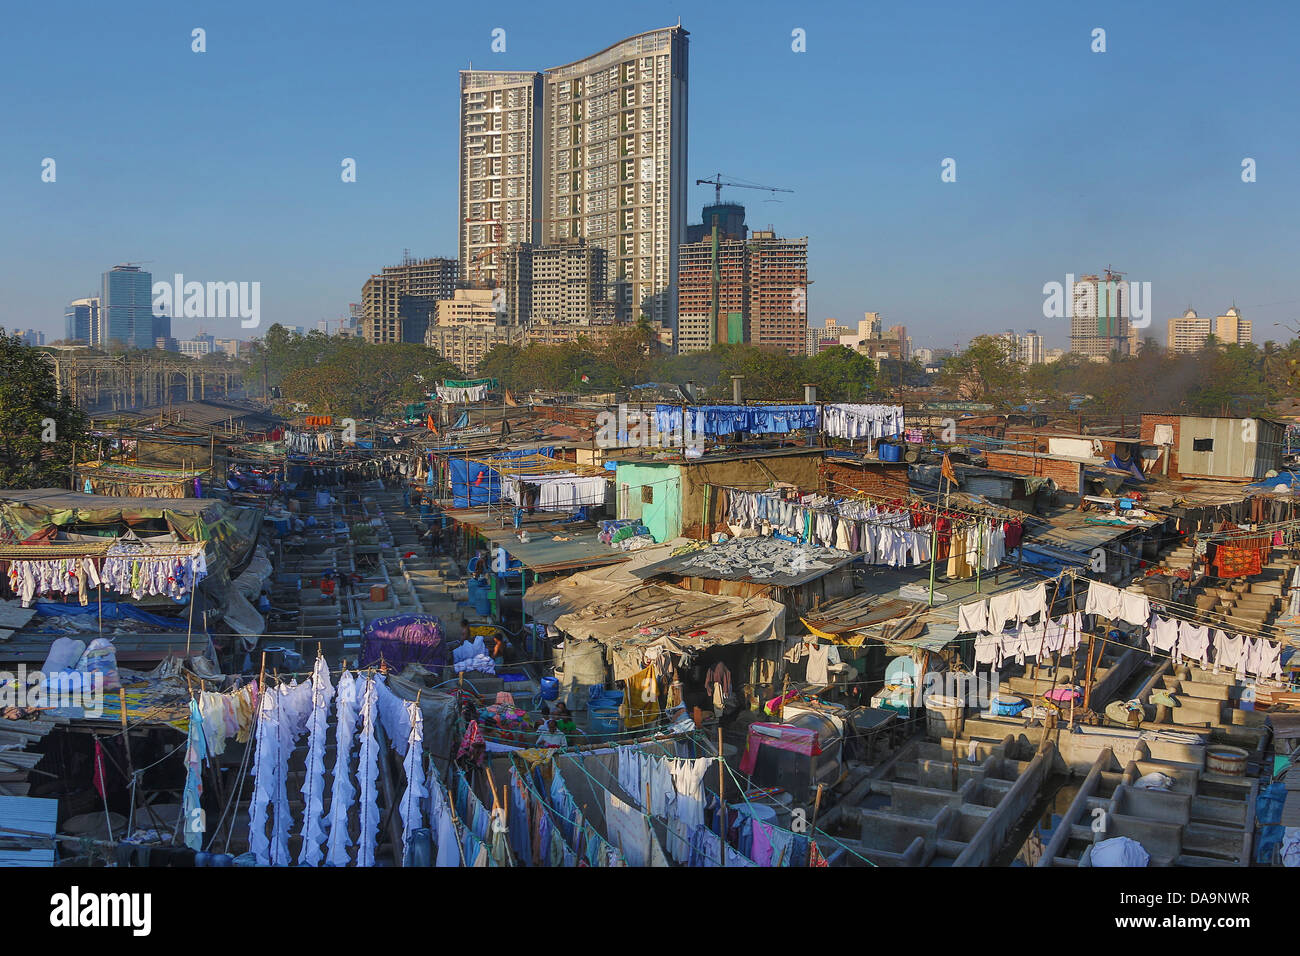 India India del Sud, Asia, Maharashtra, Mumbai Bombay, Città, pubblico, servizio lavanderia, vestiti, lavaggio, Immagini Stock